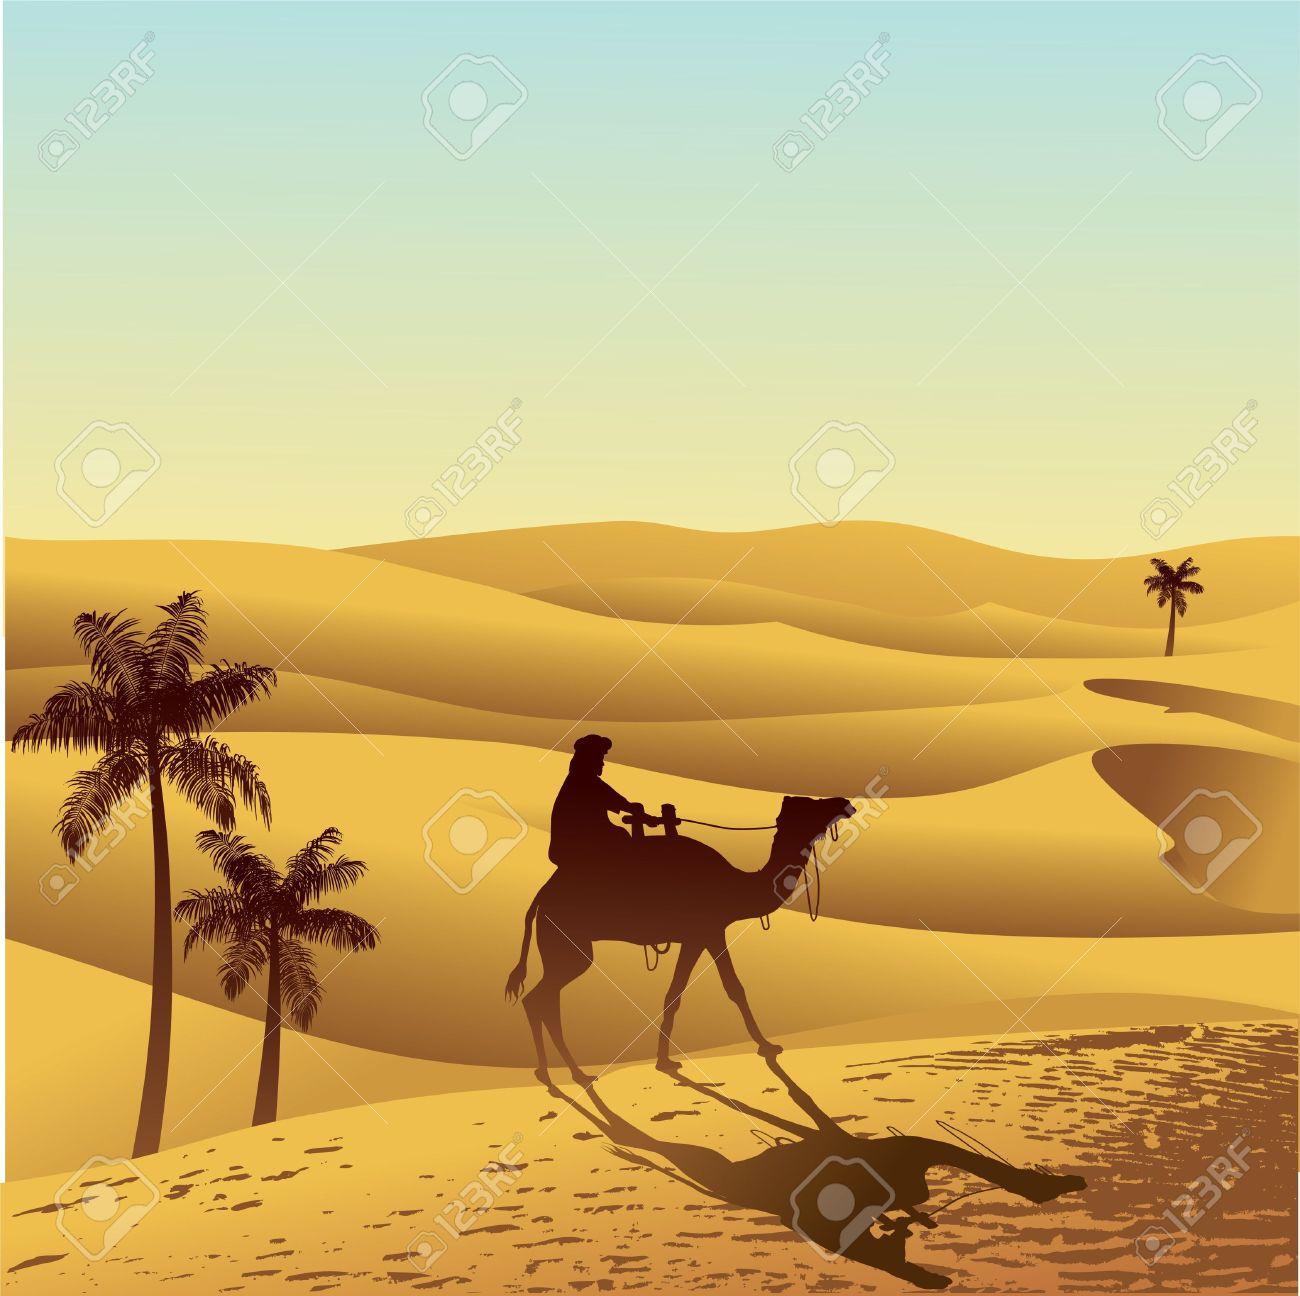 Sahara clipart Sahara Sahara #5916 Desert Desert